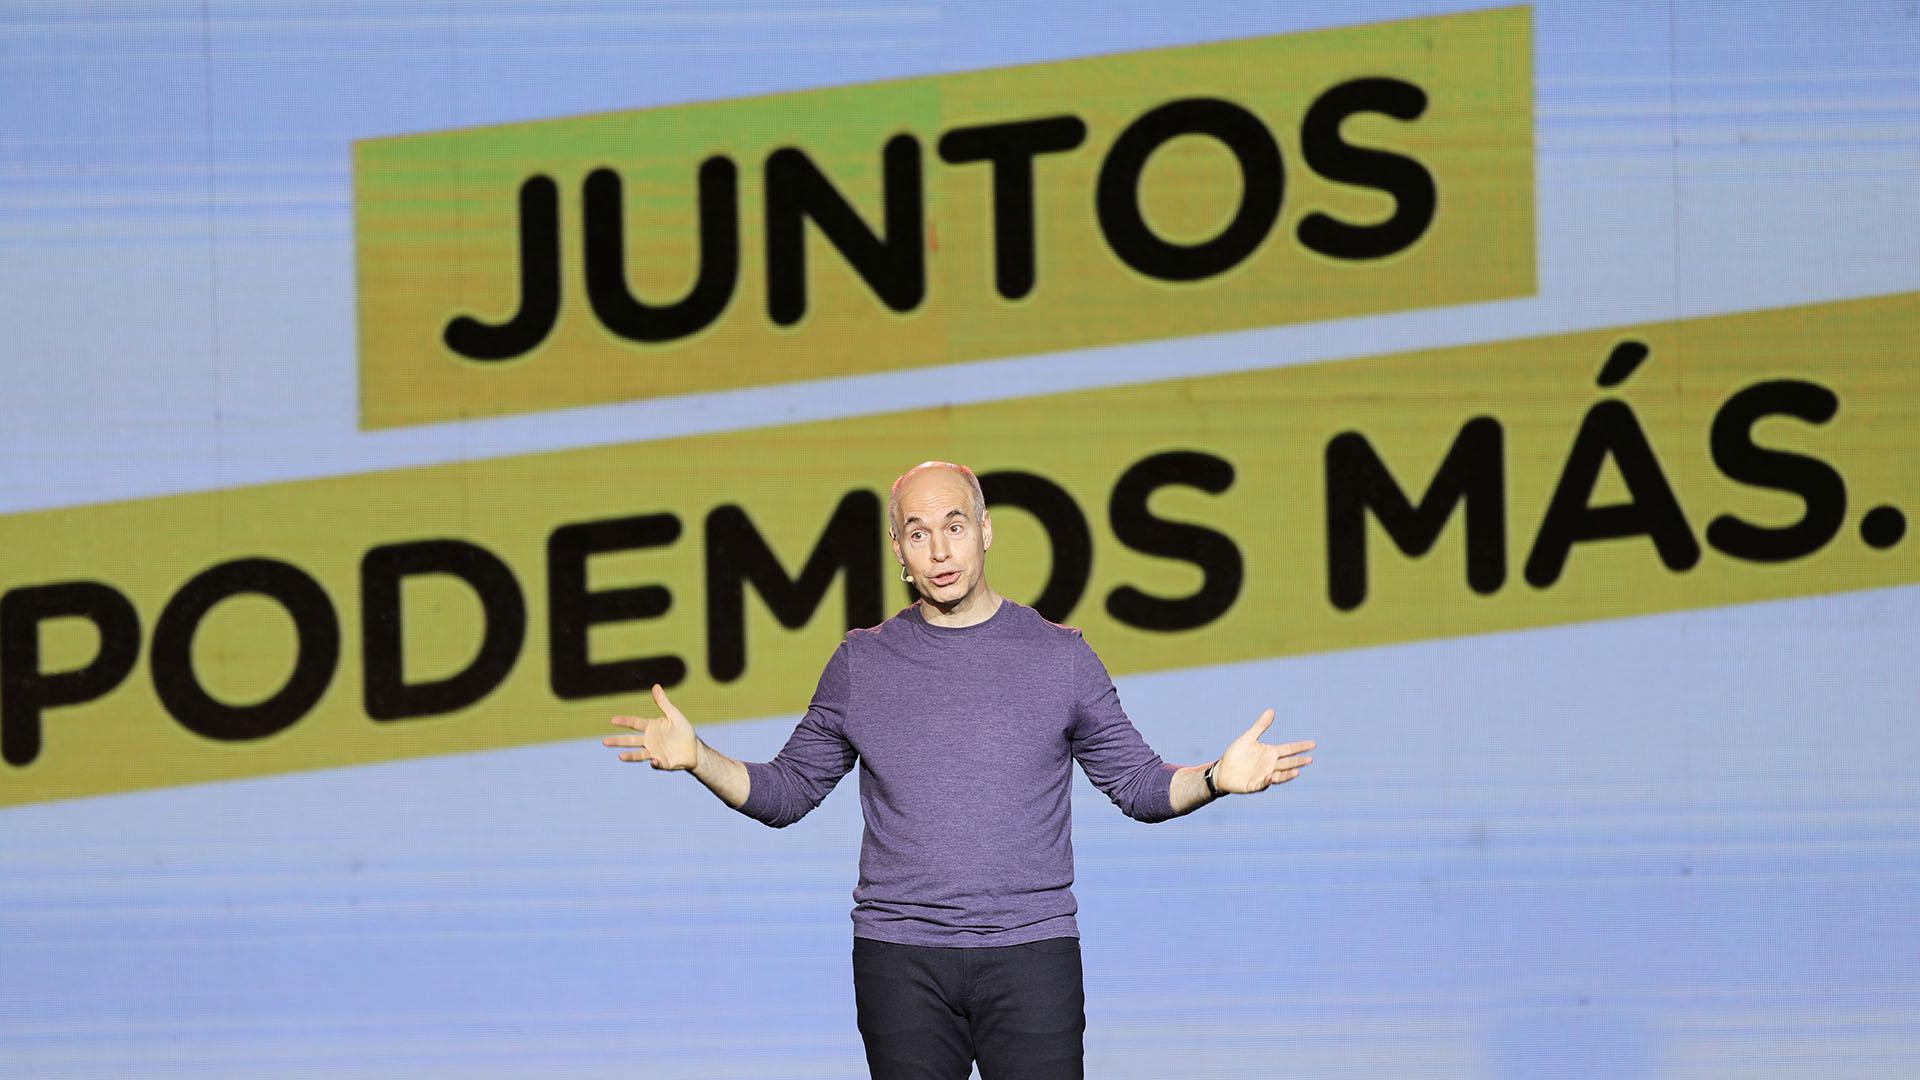 Horacio Rodríguez Larreta lució una remera de mangas largas en color azul con jeans y zapatillas